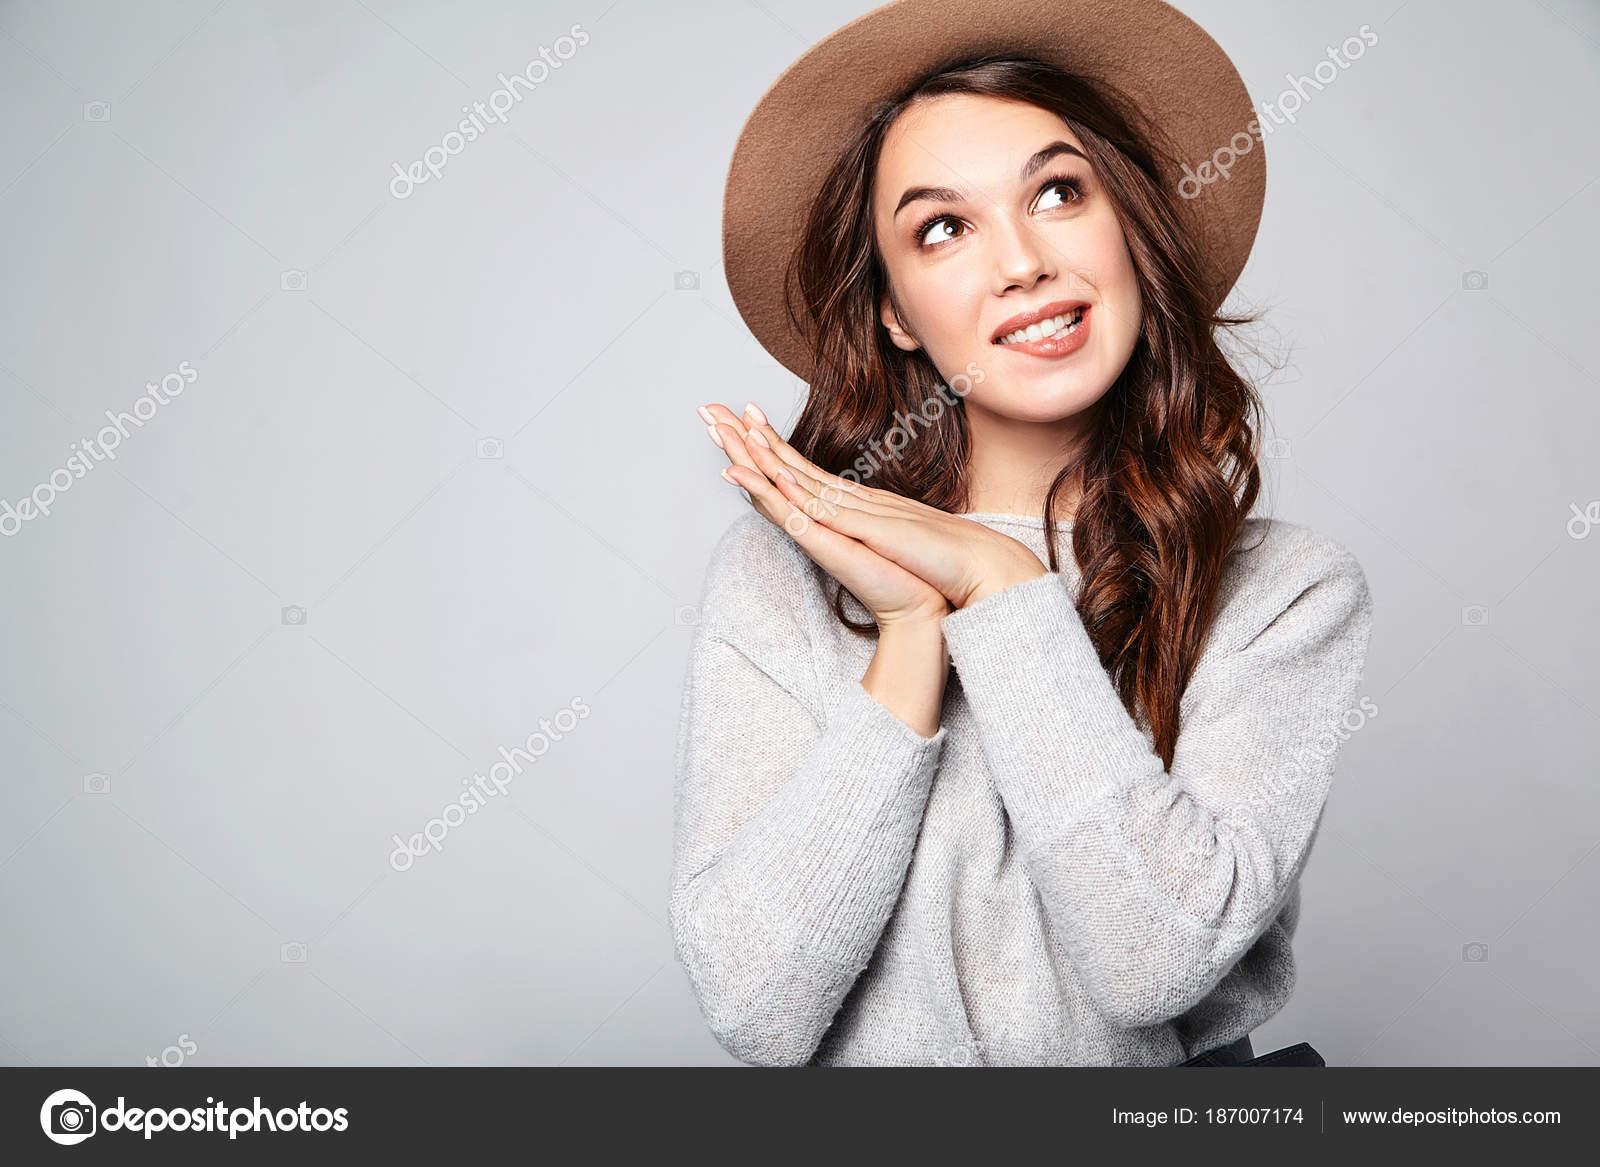 2468ad9e8ed6 Ritratto di giovane ragazza elegante modello in grigio casual estate vestiti  in cappello marrone ottiene buona idea in mente come migliorare il  progetto